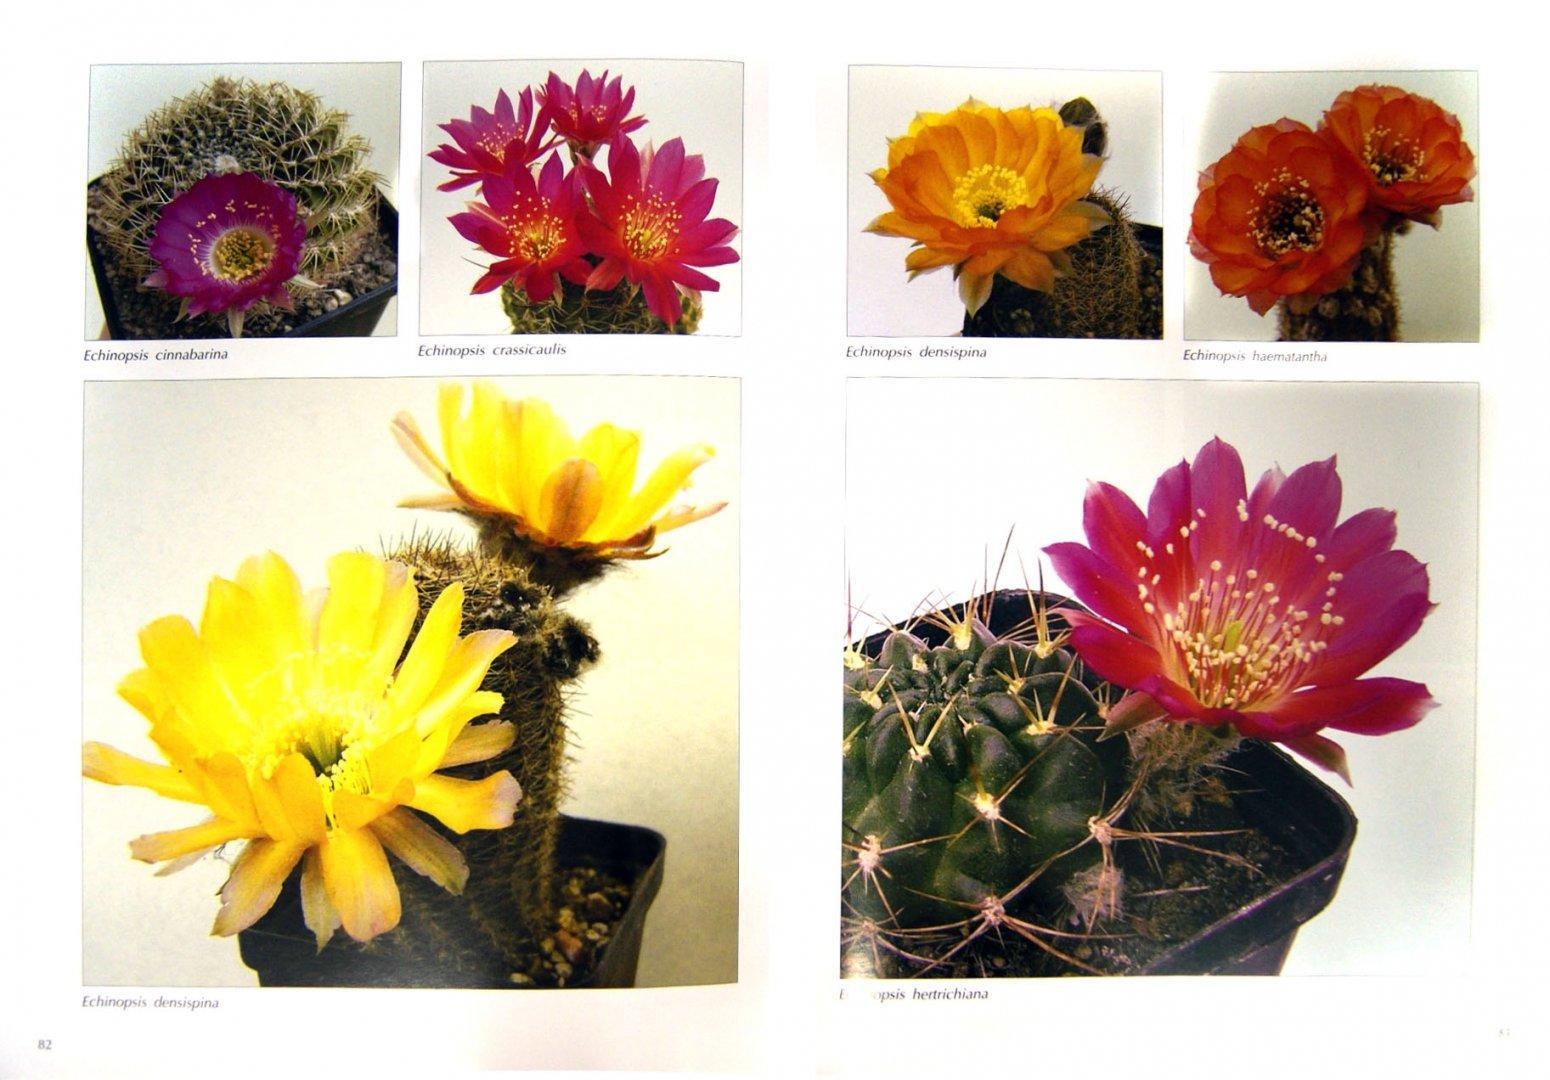 Иллюстрация 1 из 4 для Мои кактусы: Руководство по уходу за кактусами и другими суккулентами для всех любителей растений - Хельга Мозес | Лабиринт - книги. Источник: Лабиринт